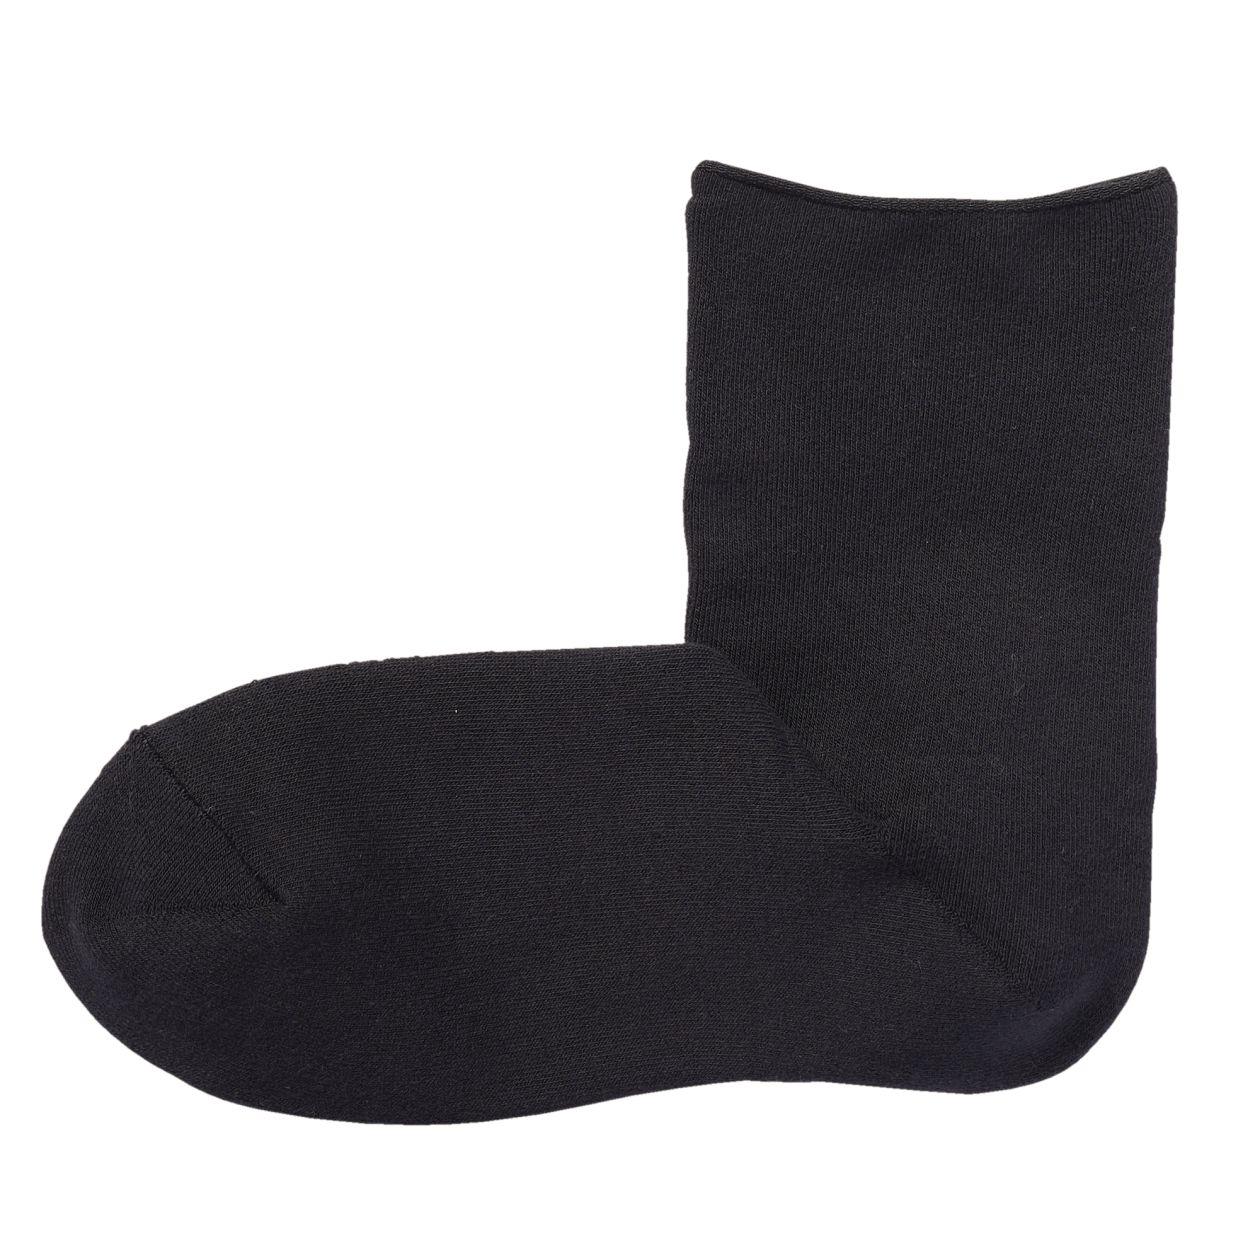 足なり直角 総パイル編み ショート丈靴下(婦人・えらべる)